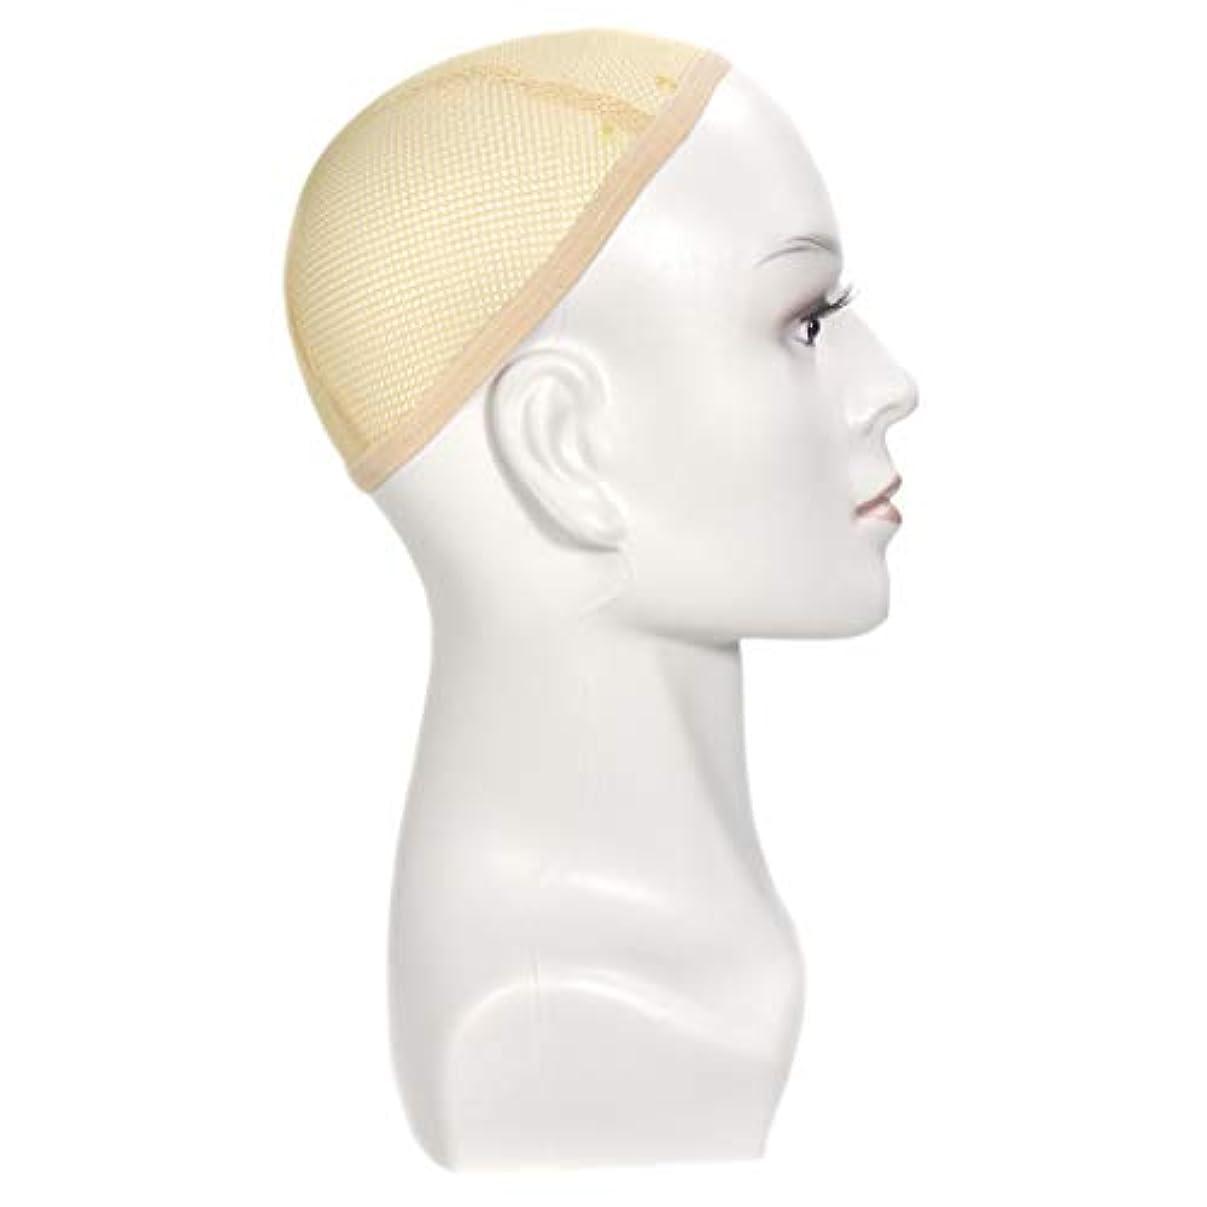 バッジジェムミッションマネキンヘッド 肌色 メイク メイクトレーニング 頭部モデル ディスプレイ ホルダー 全2色 - 白